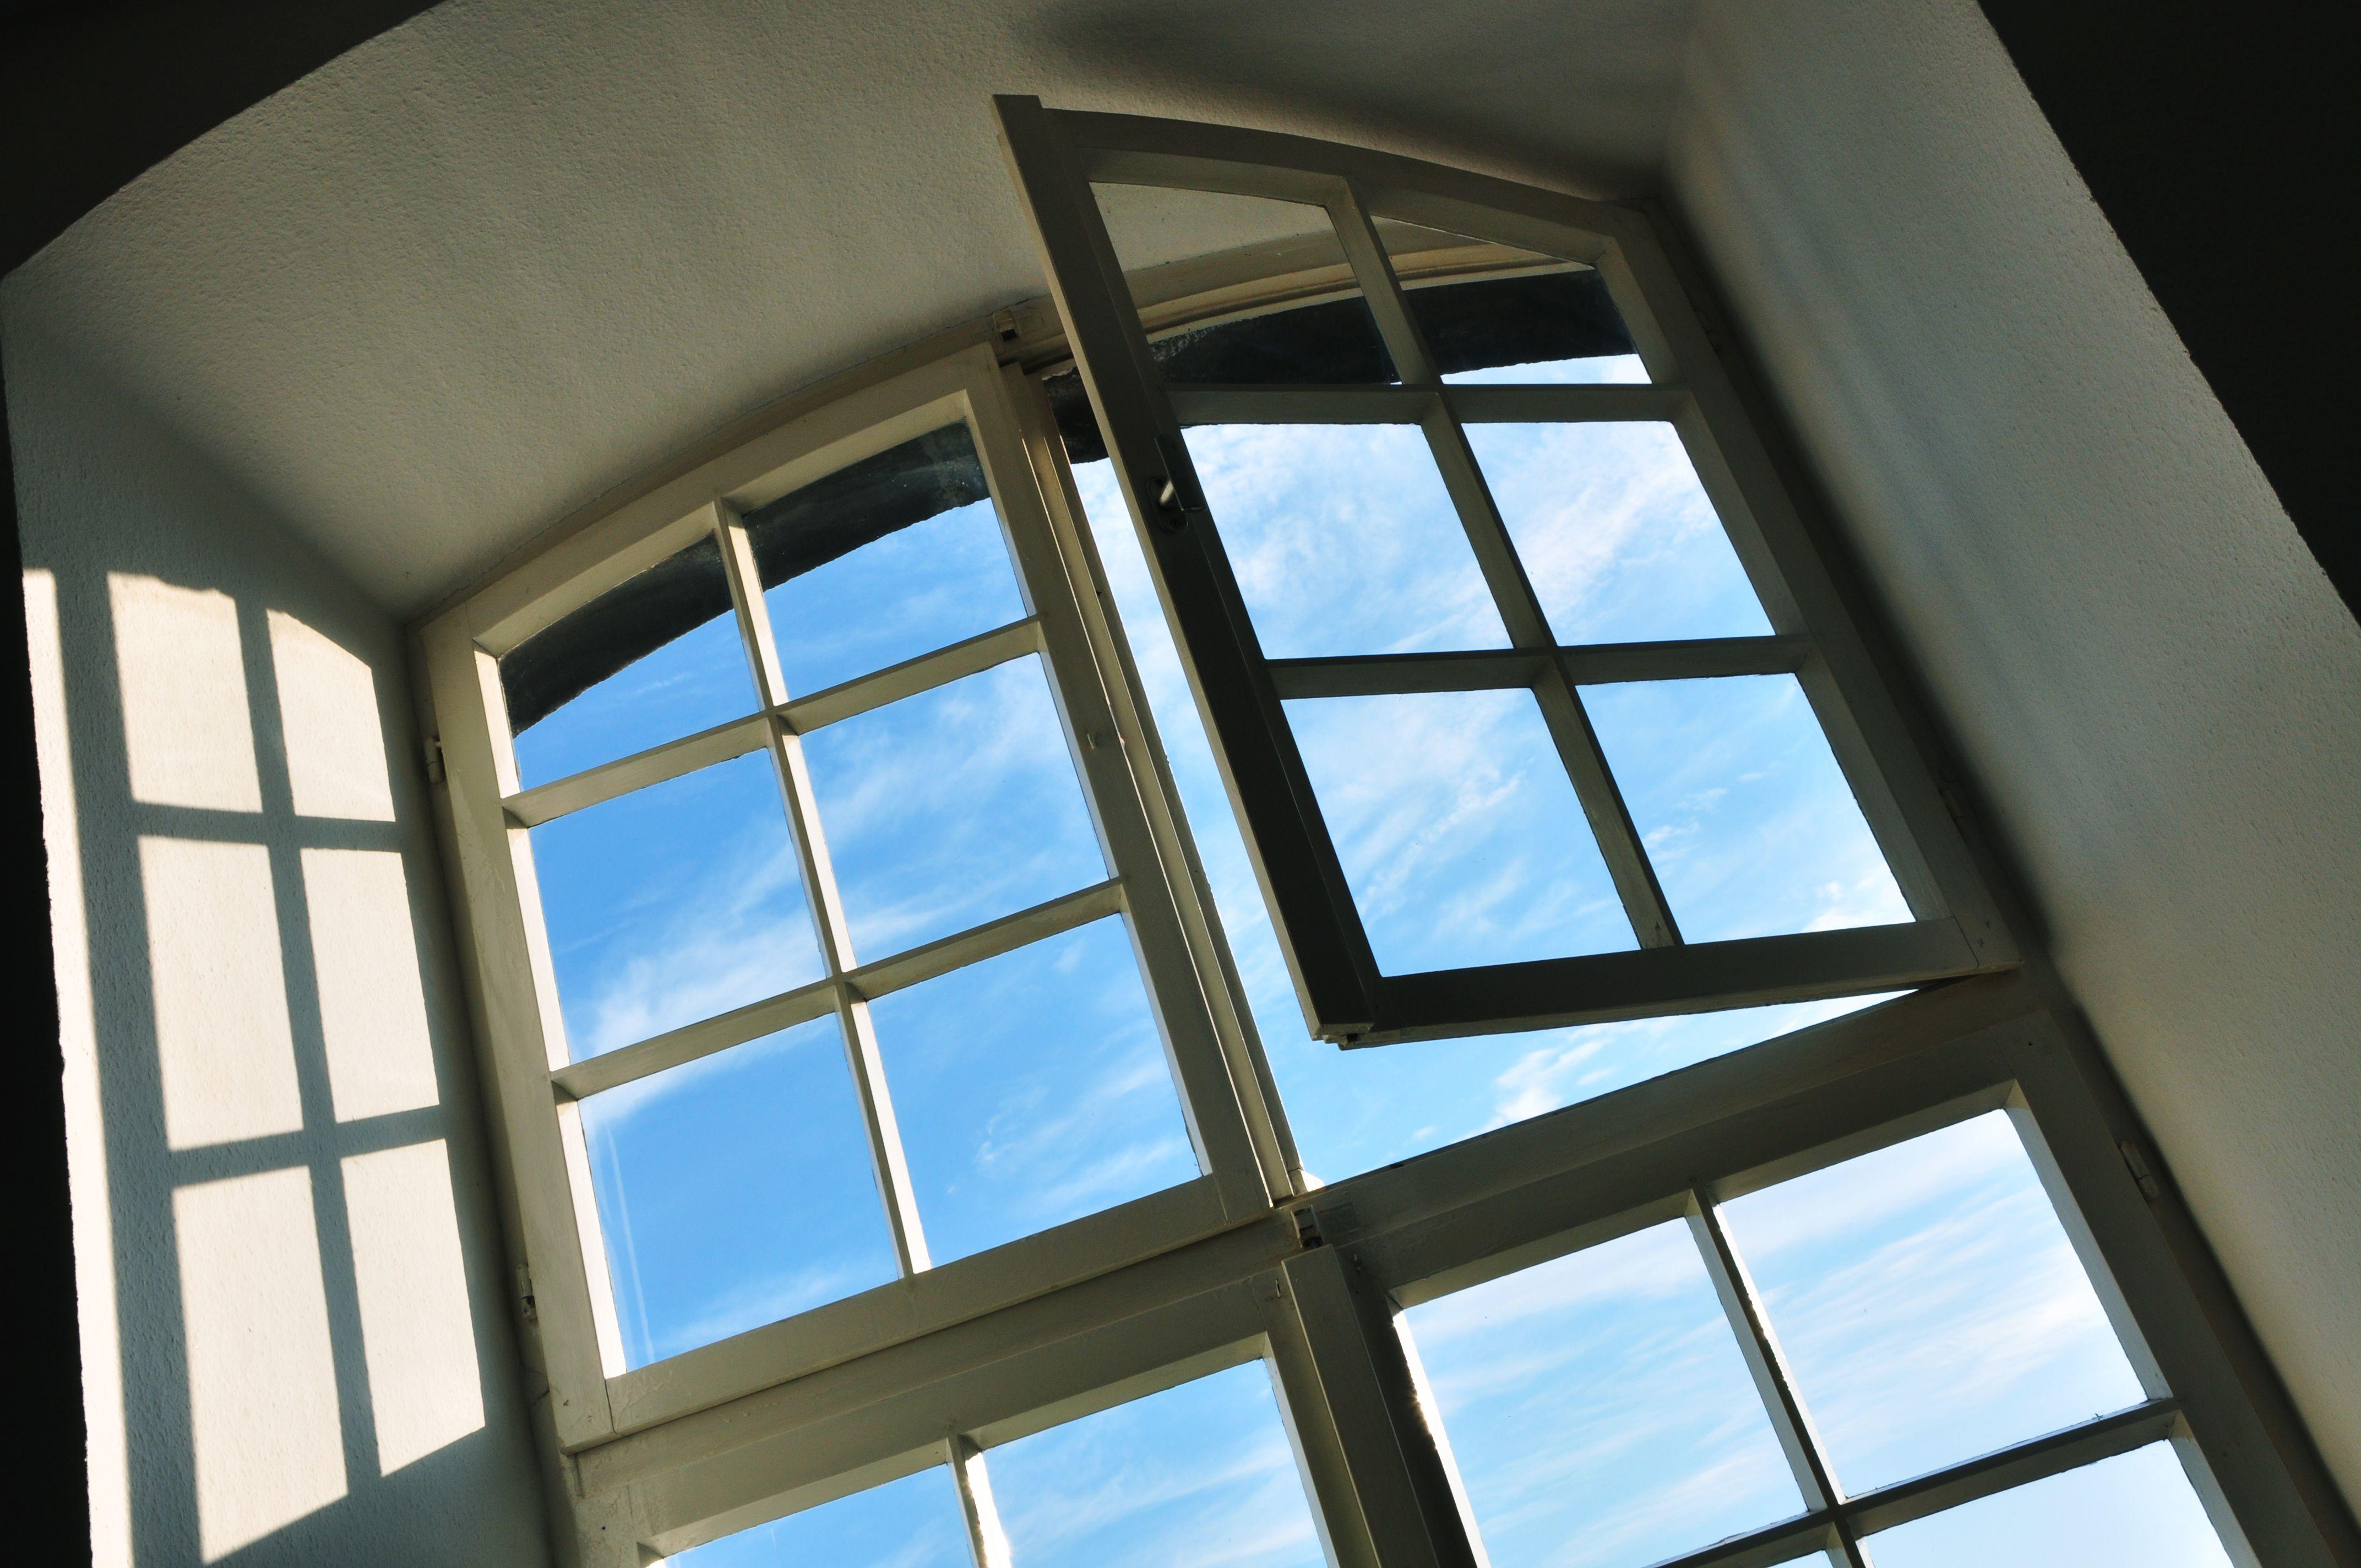 Foto 34 de Carpintería de aluminio, metálica y PVC en A Coruña | Mahía